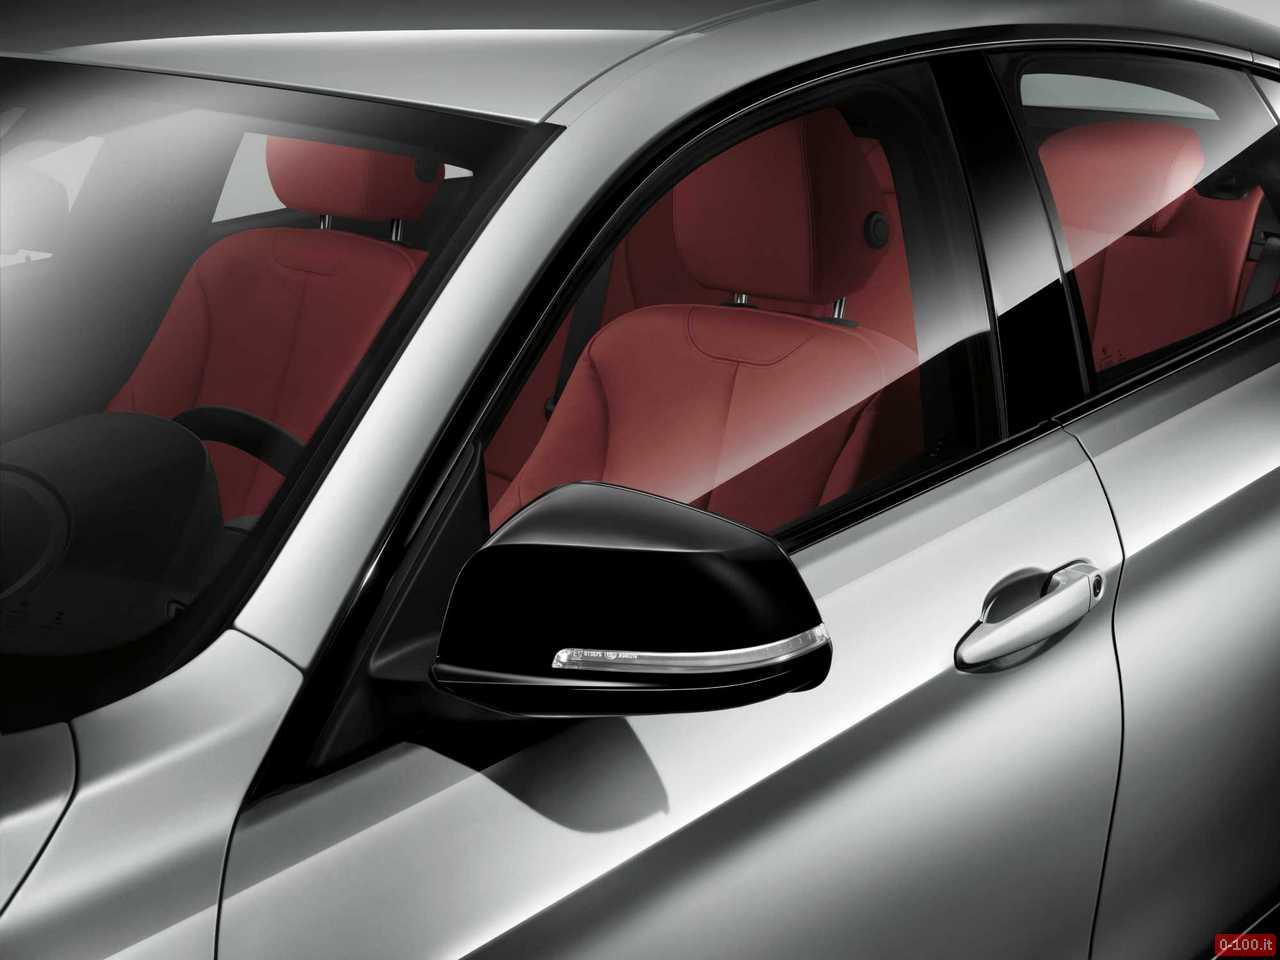 bmw-serie-4-gran-coupe-prezzo-price-ginevra-geneve-2014-0-100_94